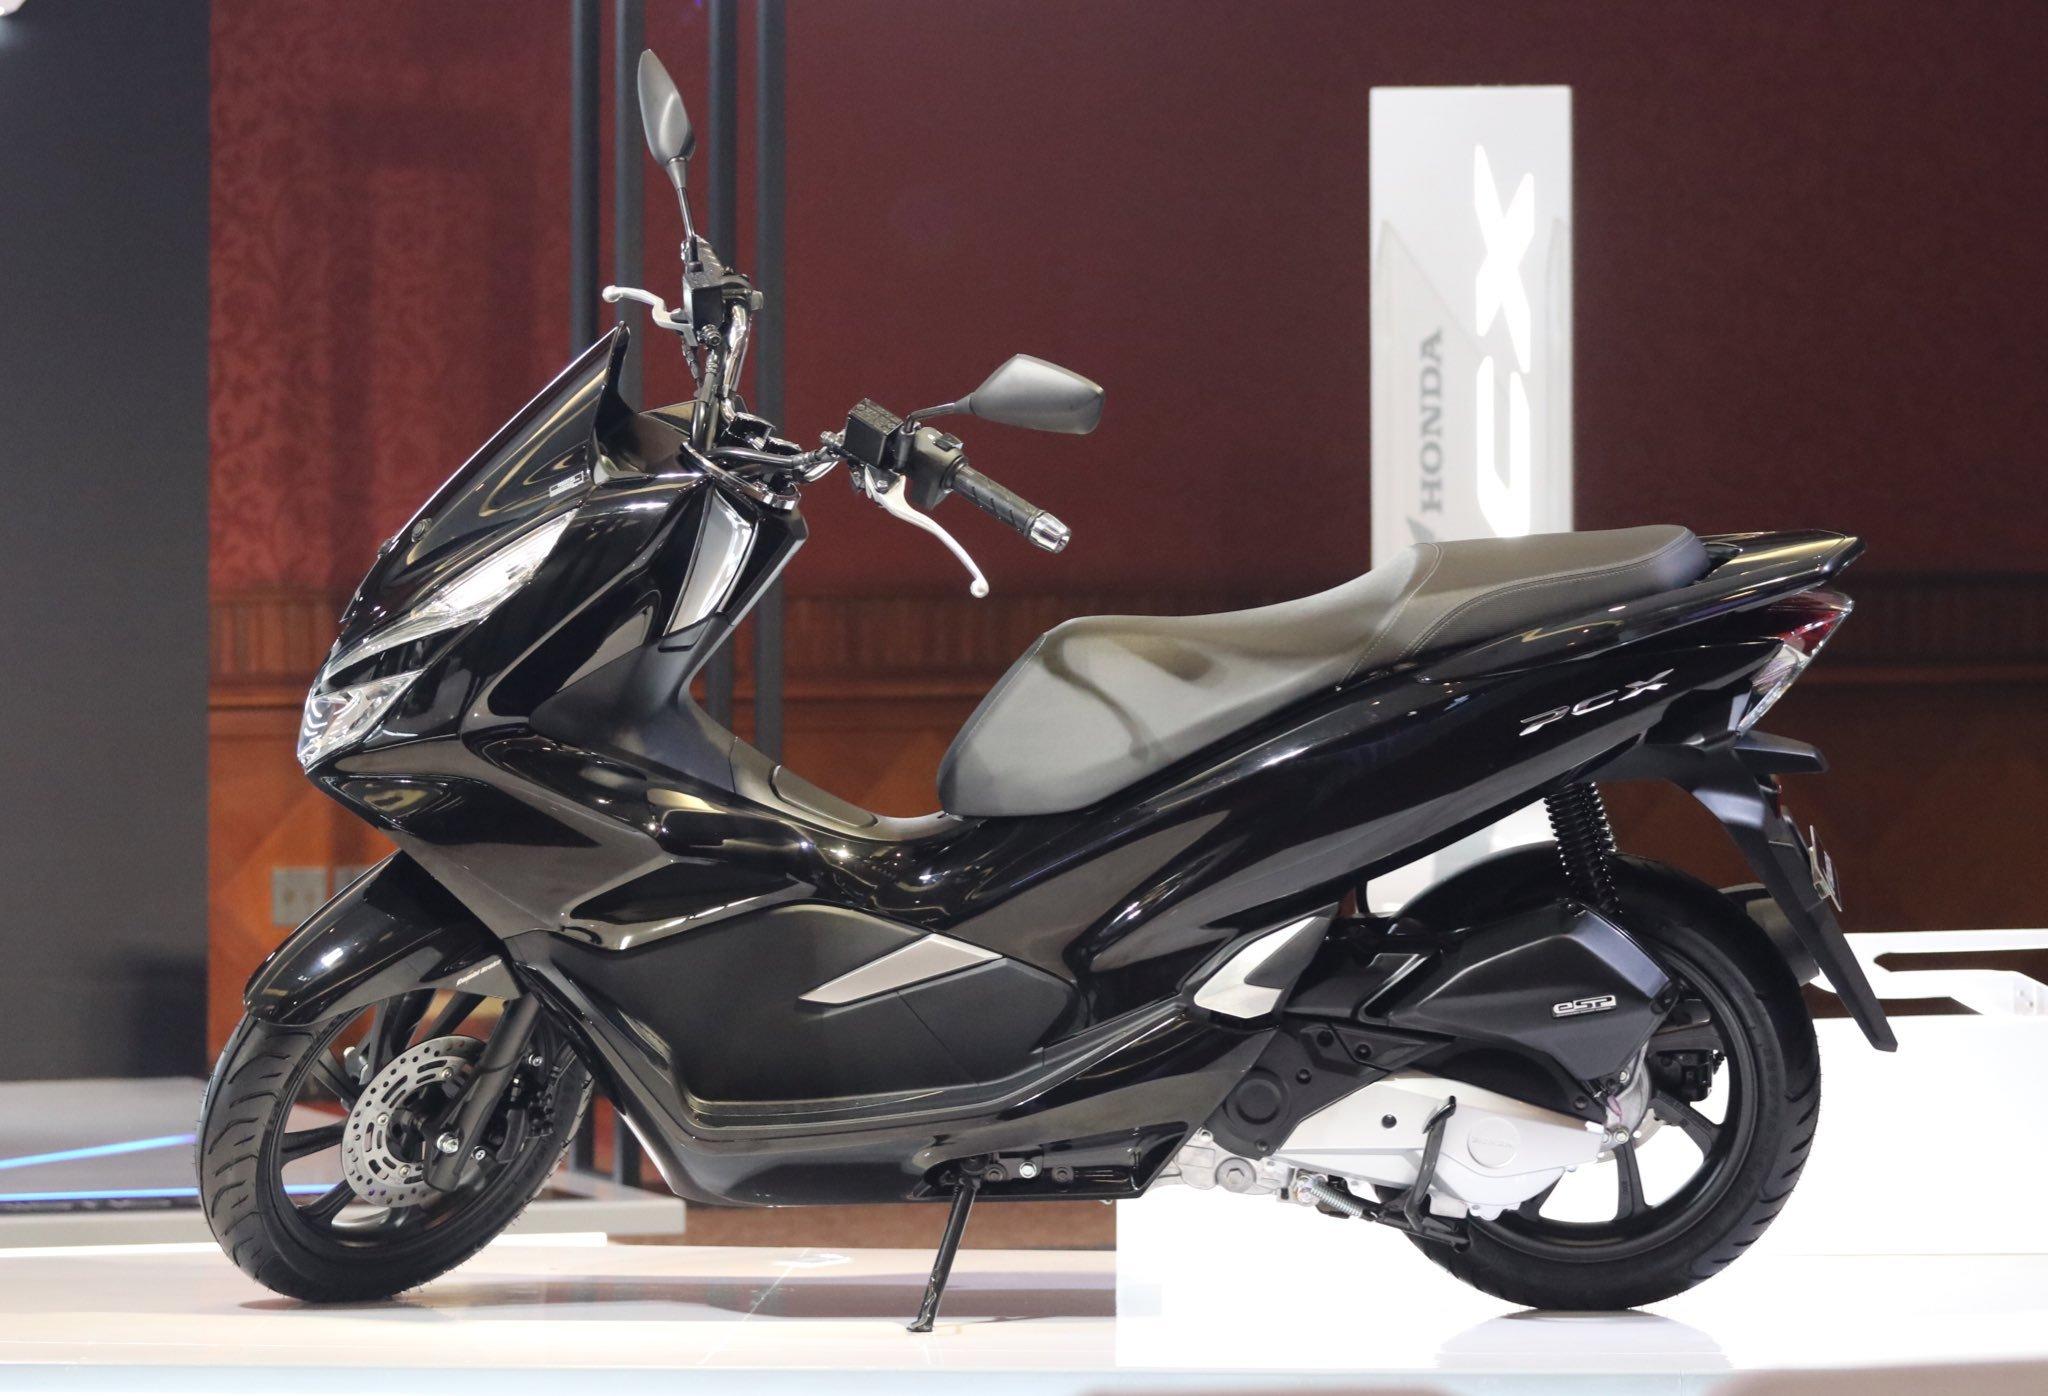 Gambar Modifikasi Honda Pcx 2019 Indonesia Sobotomotif